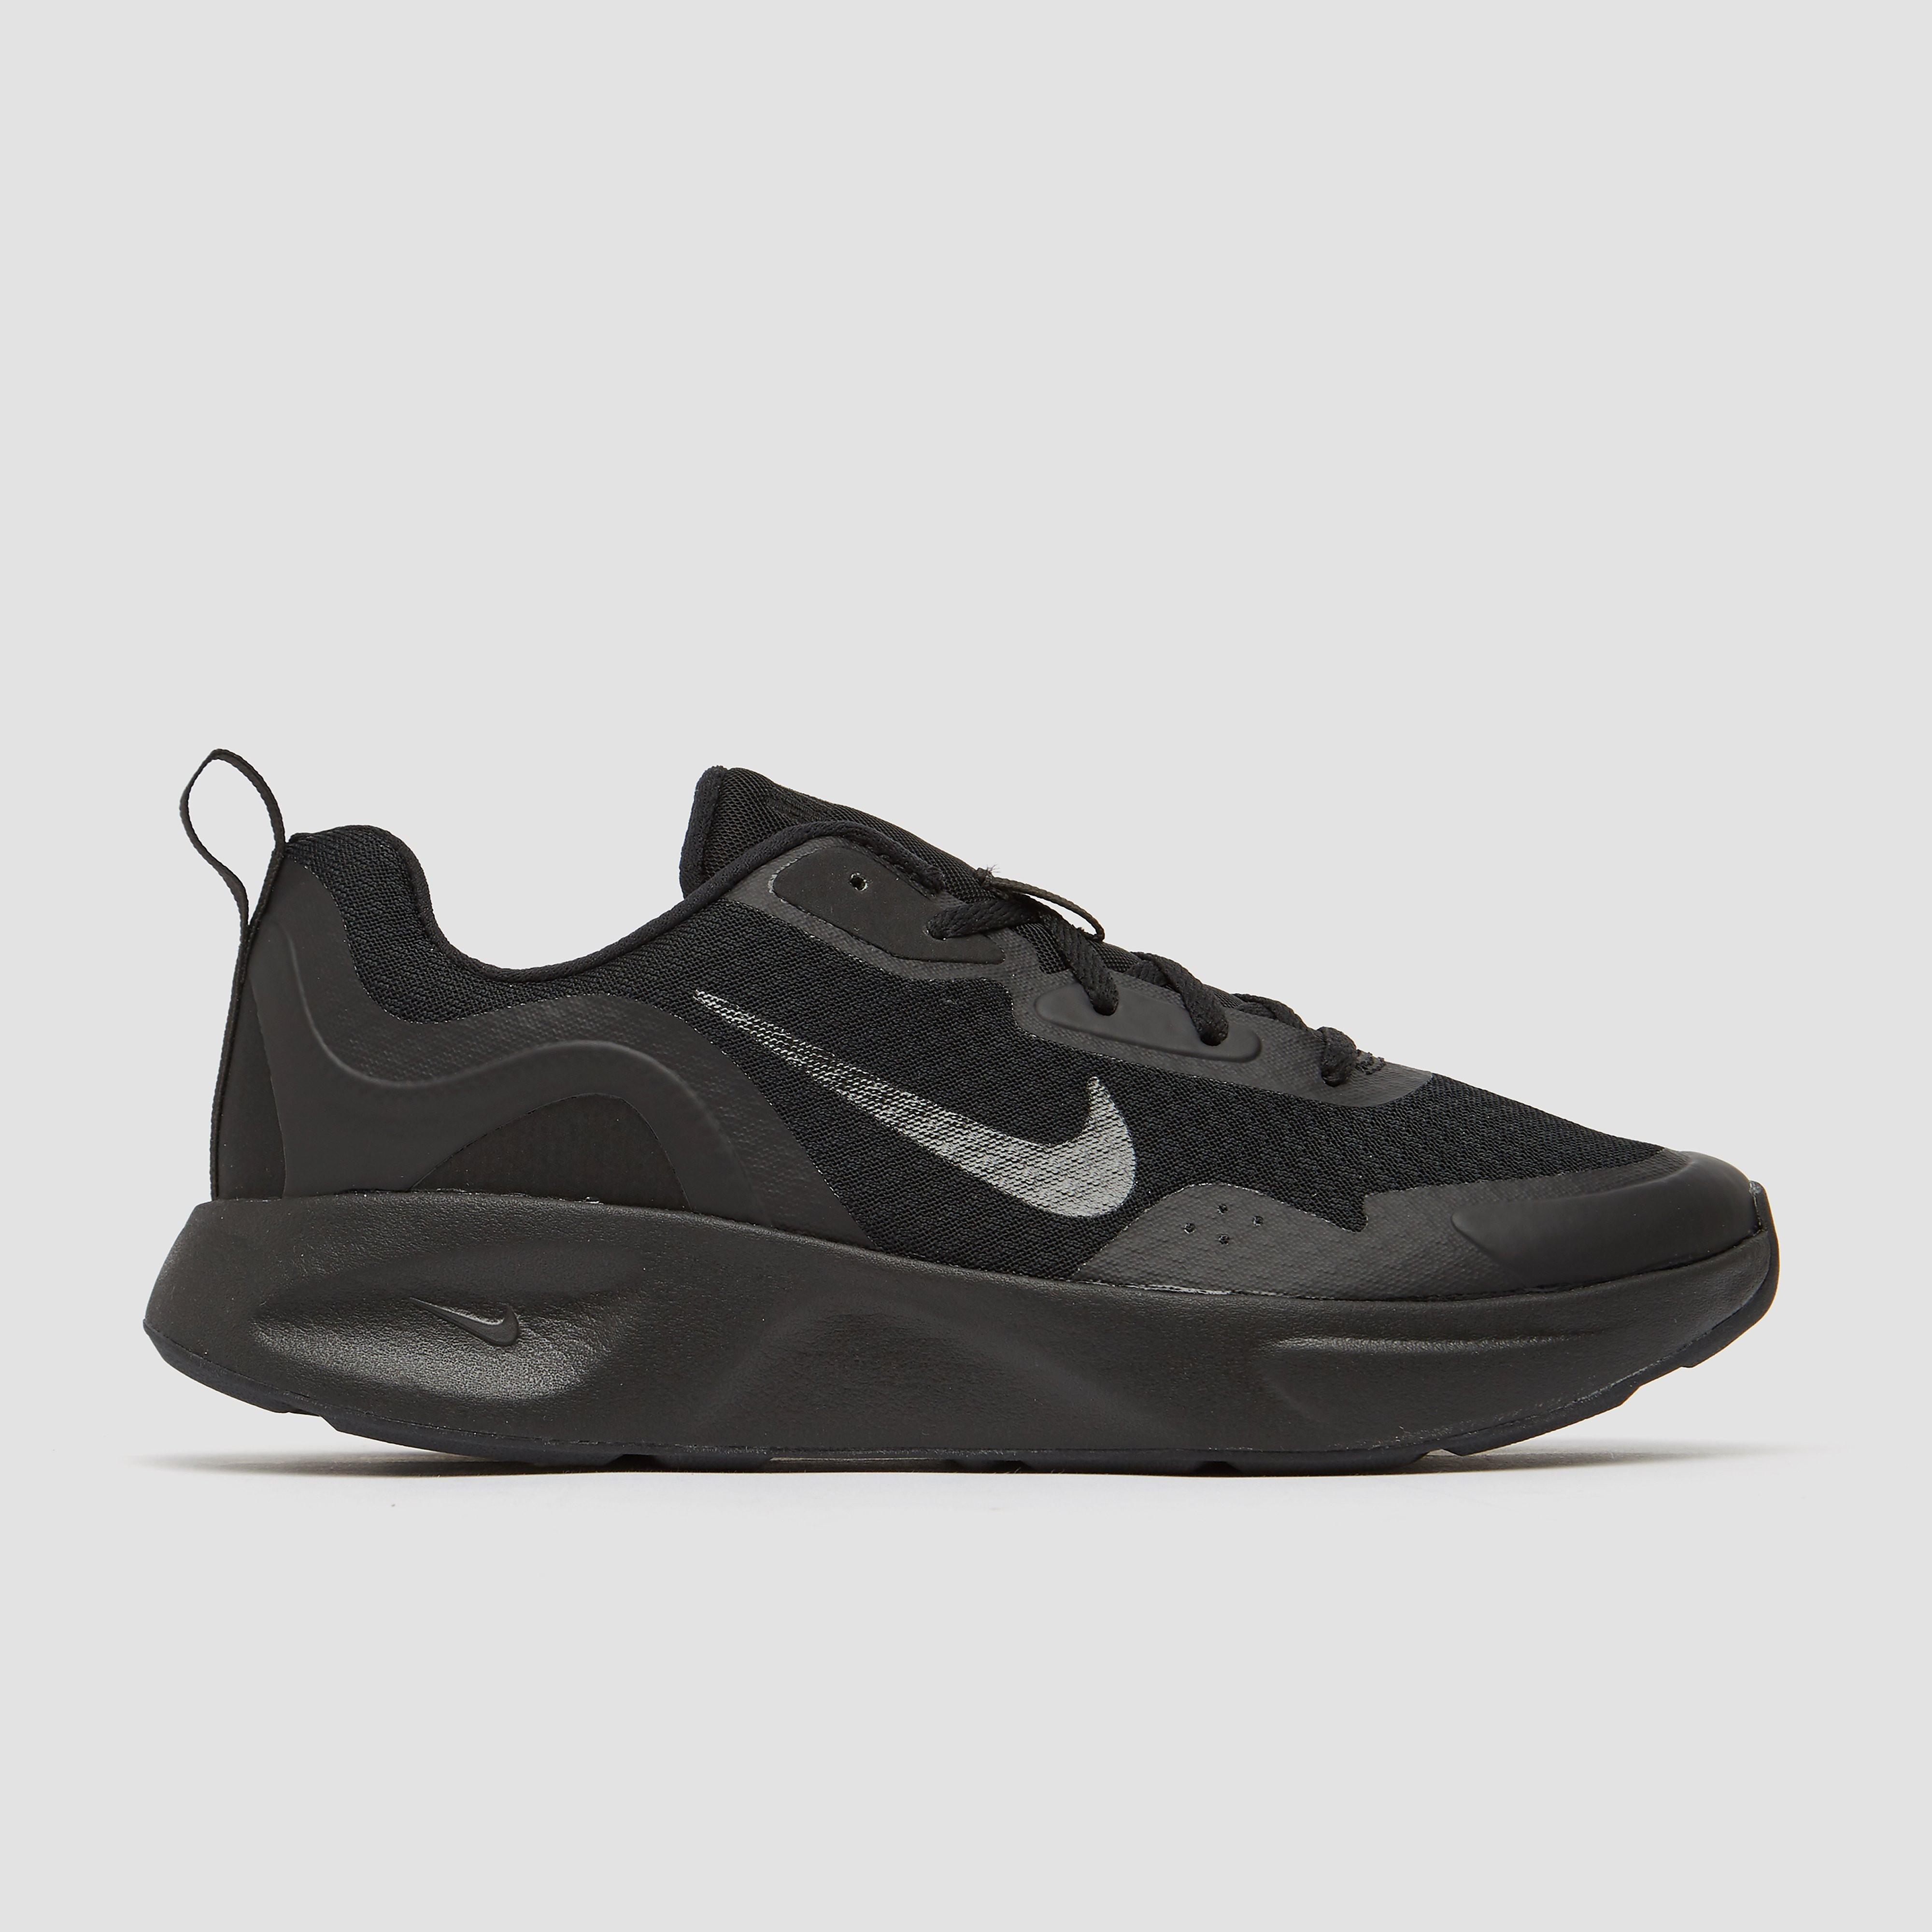 NIKE Wearallday sneakers zwart dames online kopen